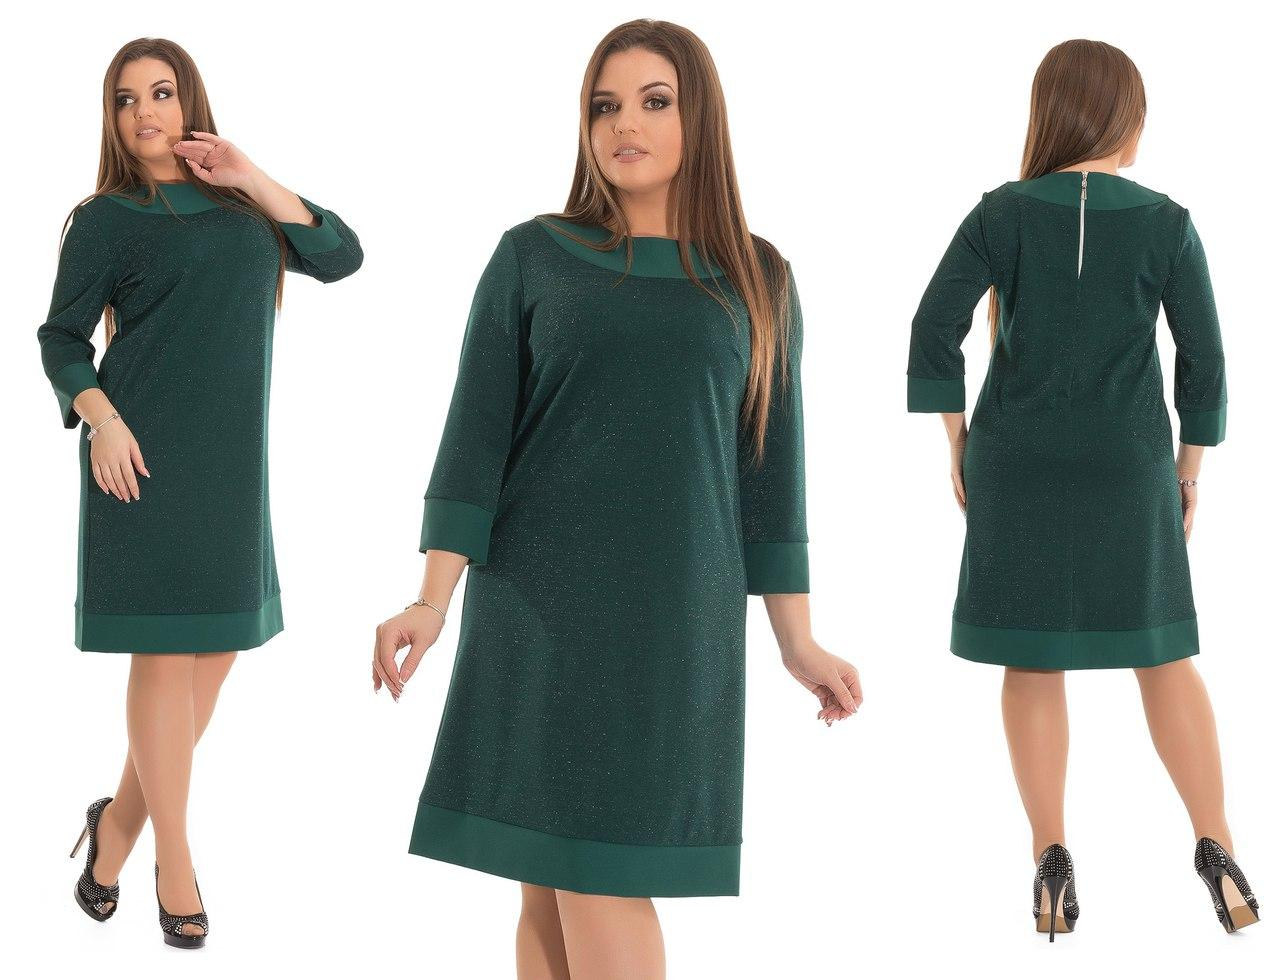 Polnaya-devushka-1 Платье трапеция, какие модели в моде и с чем его лучше носить